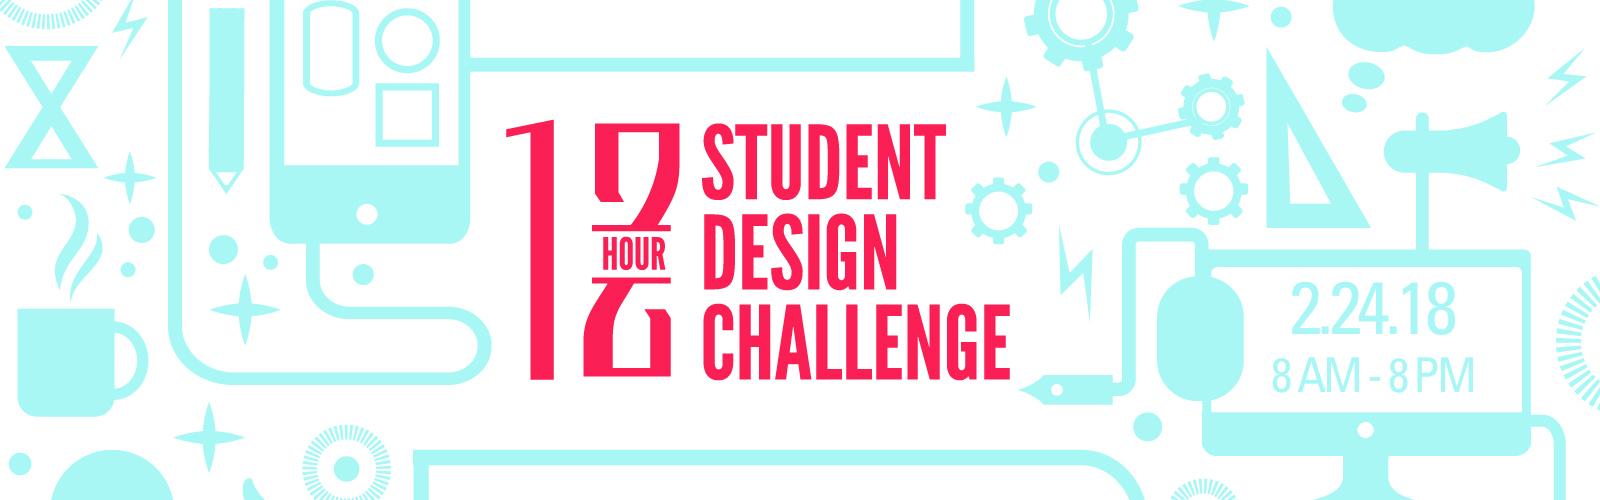 AAFCM Student Design Challenge 2018